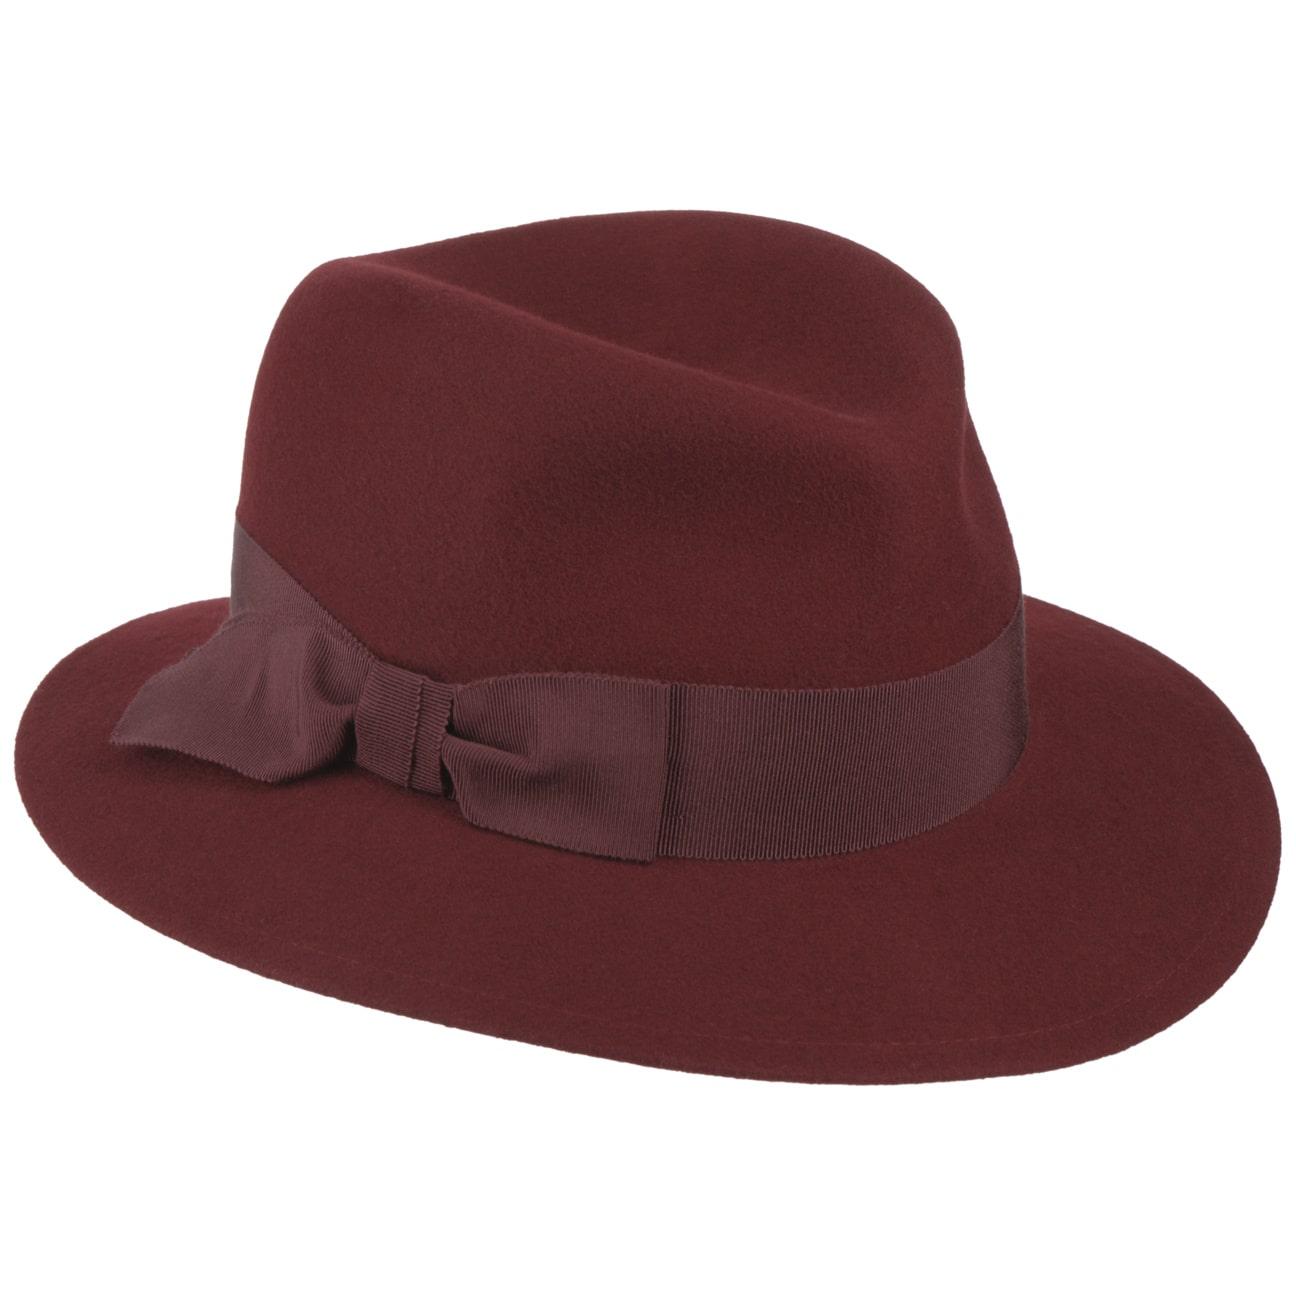 Chapeau pour Femme Wolga by Mayser  chapeau en laine